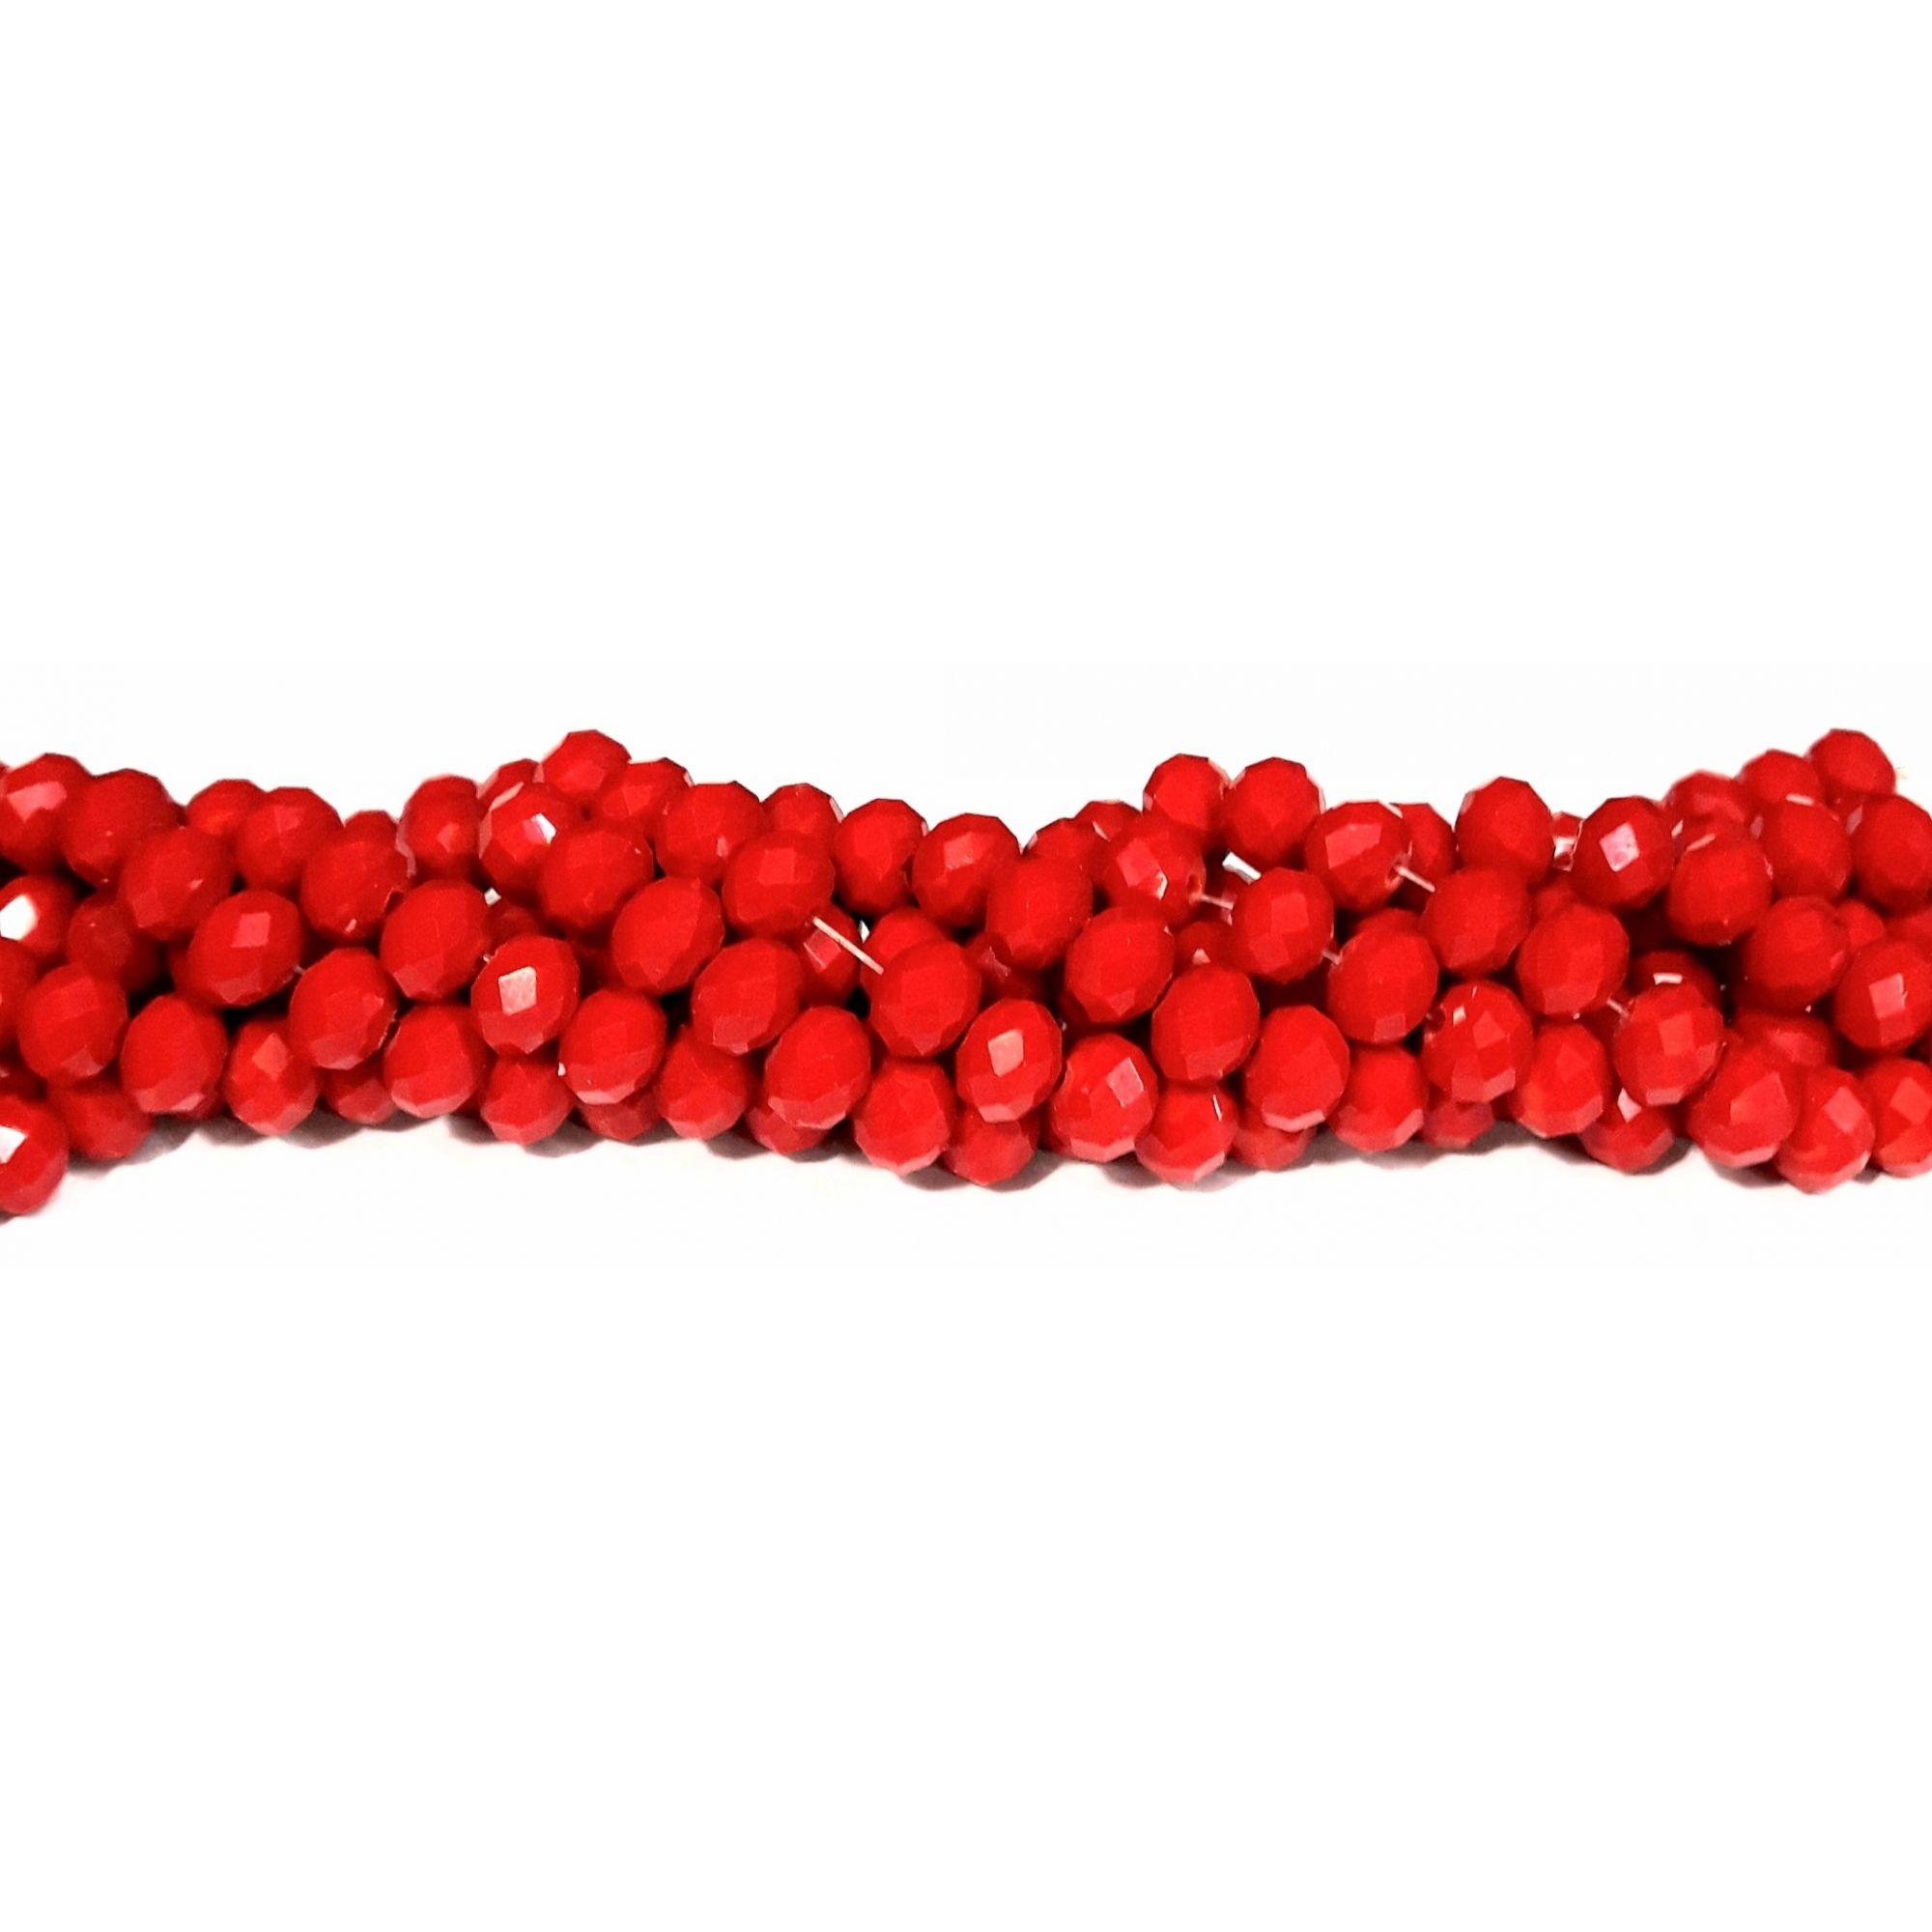 Fio de Cristal Achatado (Vermelho Leitosa) 8mm - FDC33